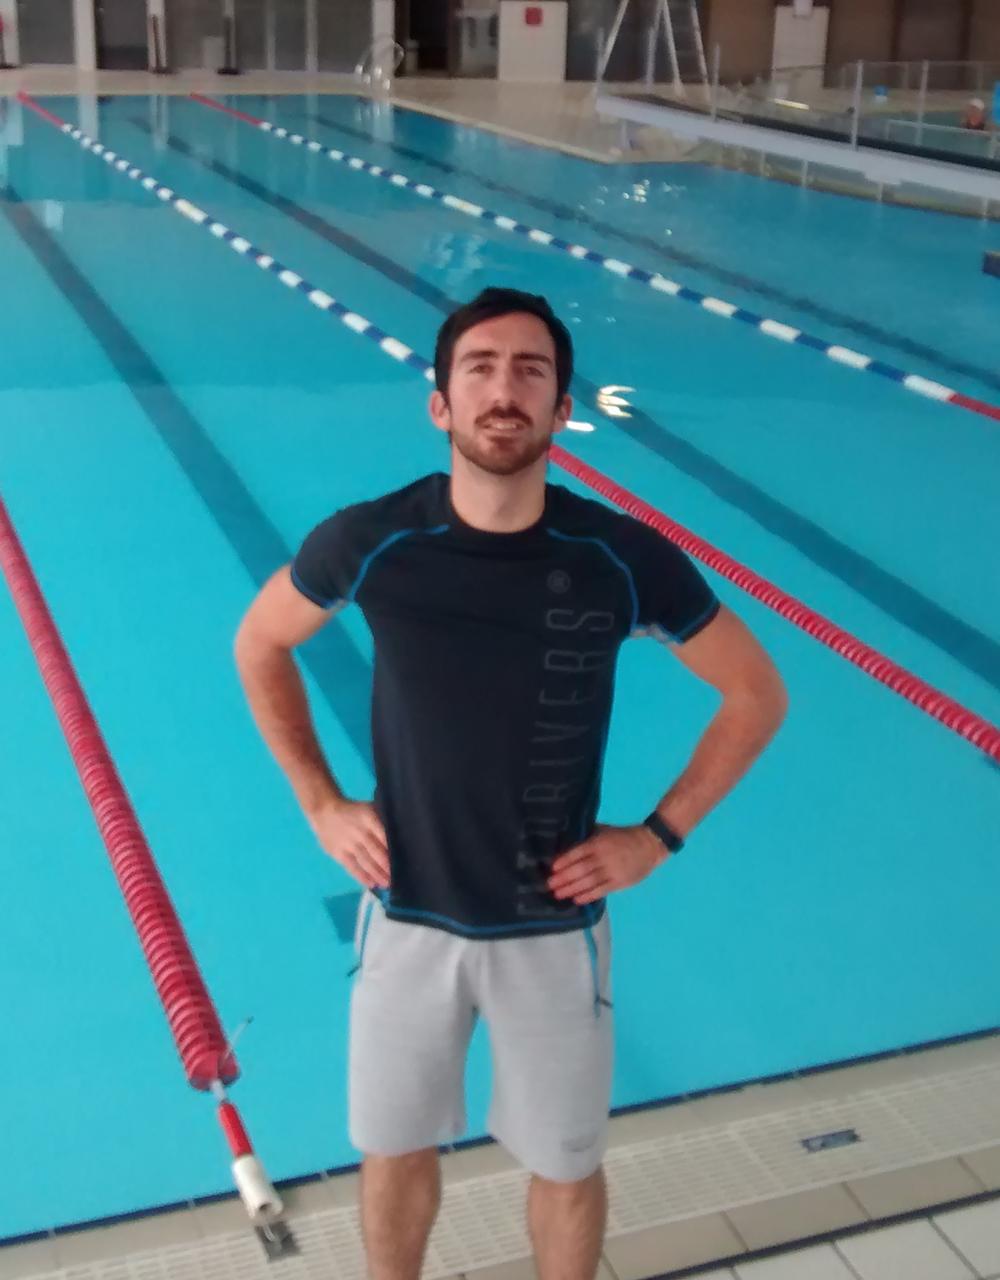 Coaching sportif à Nantes : plongez avec Sport et Santé Nantes.